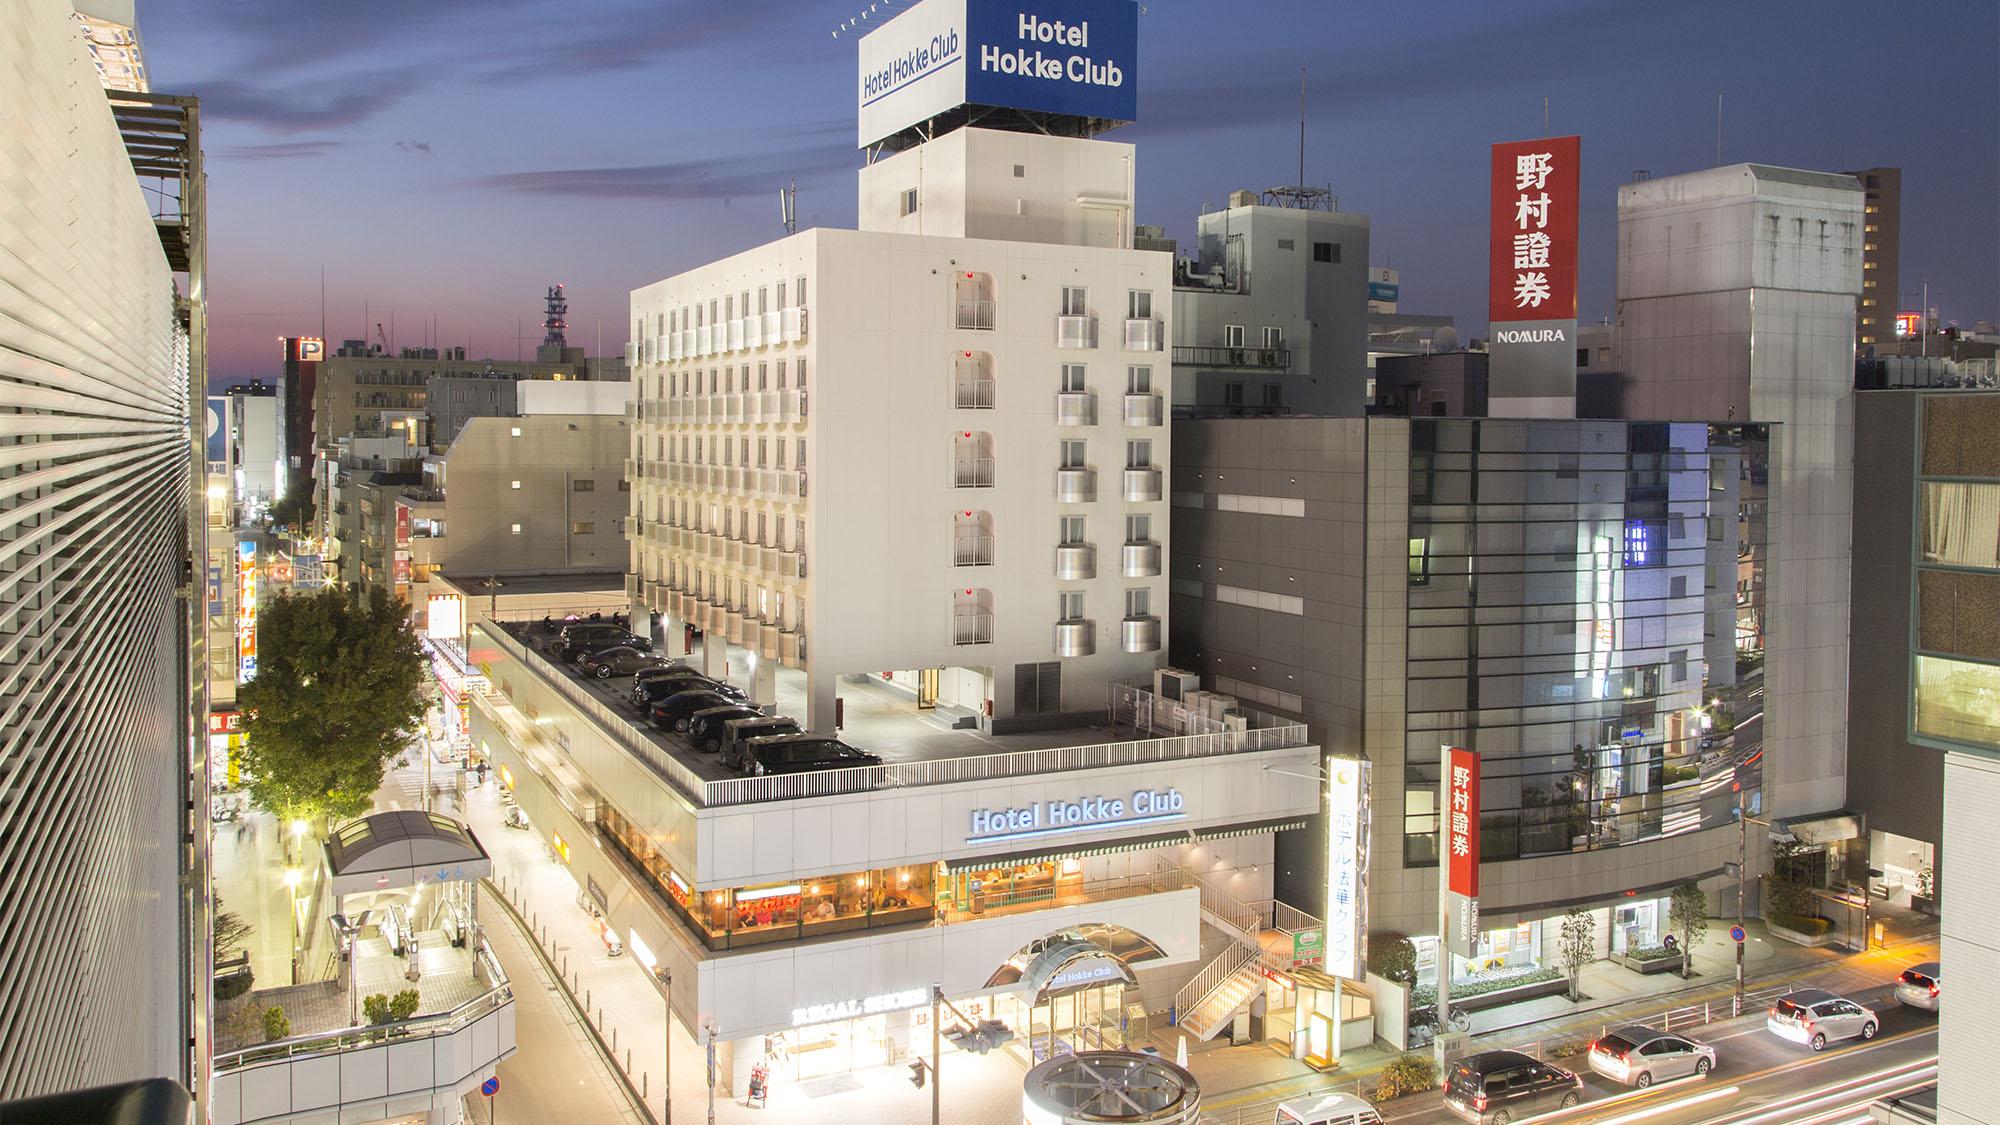 ホテル法華クラブ湘南藤沢 その1